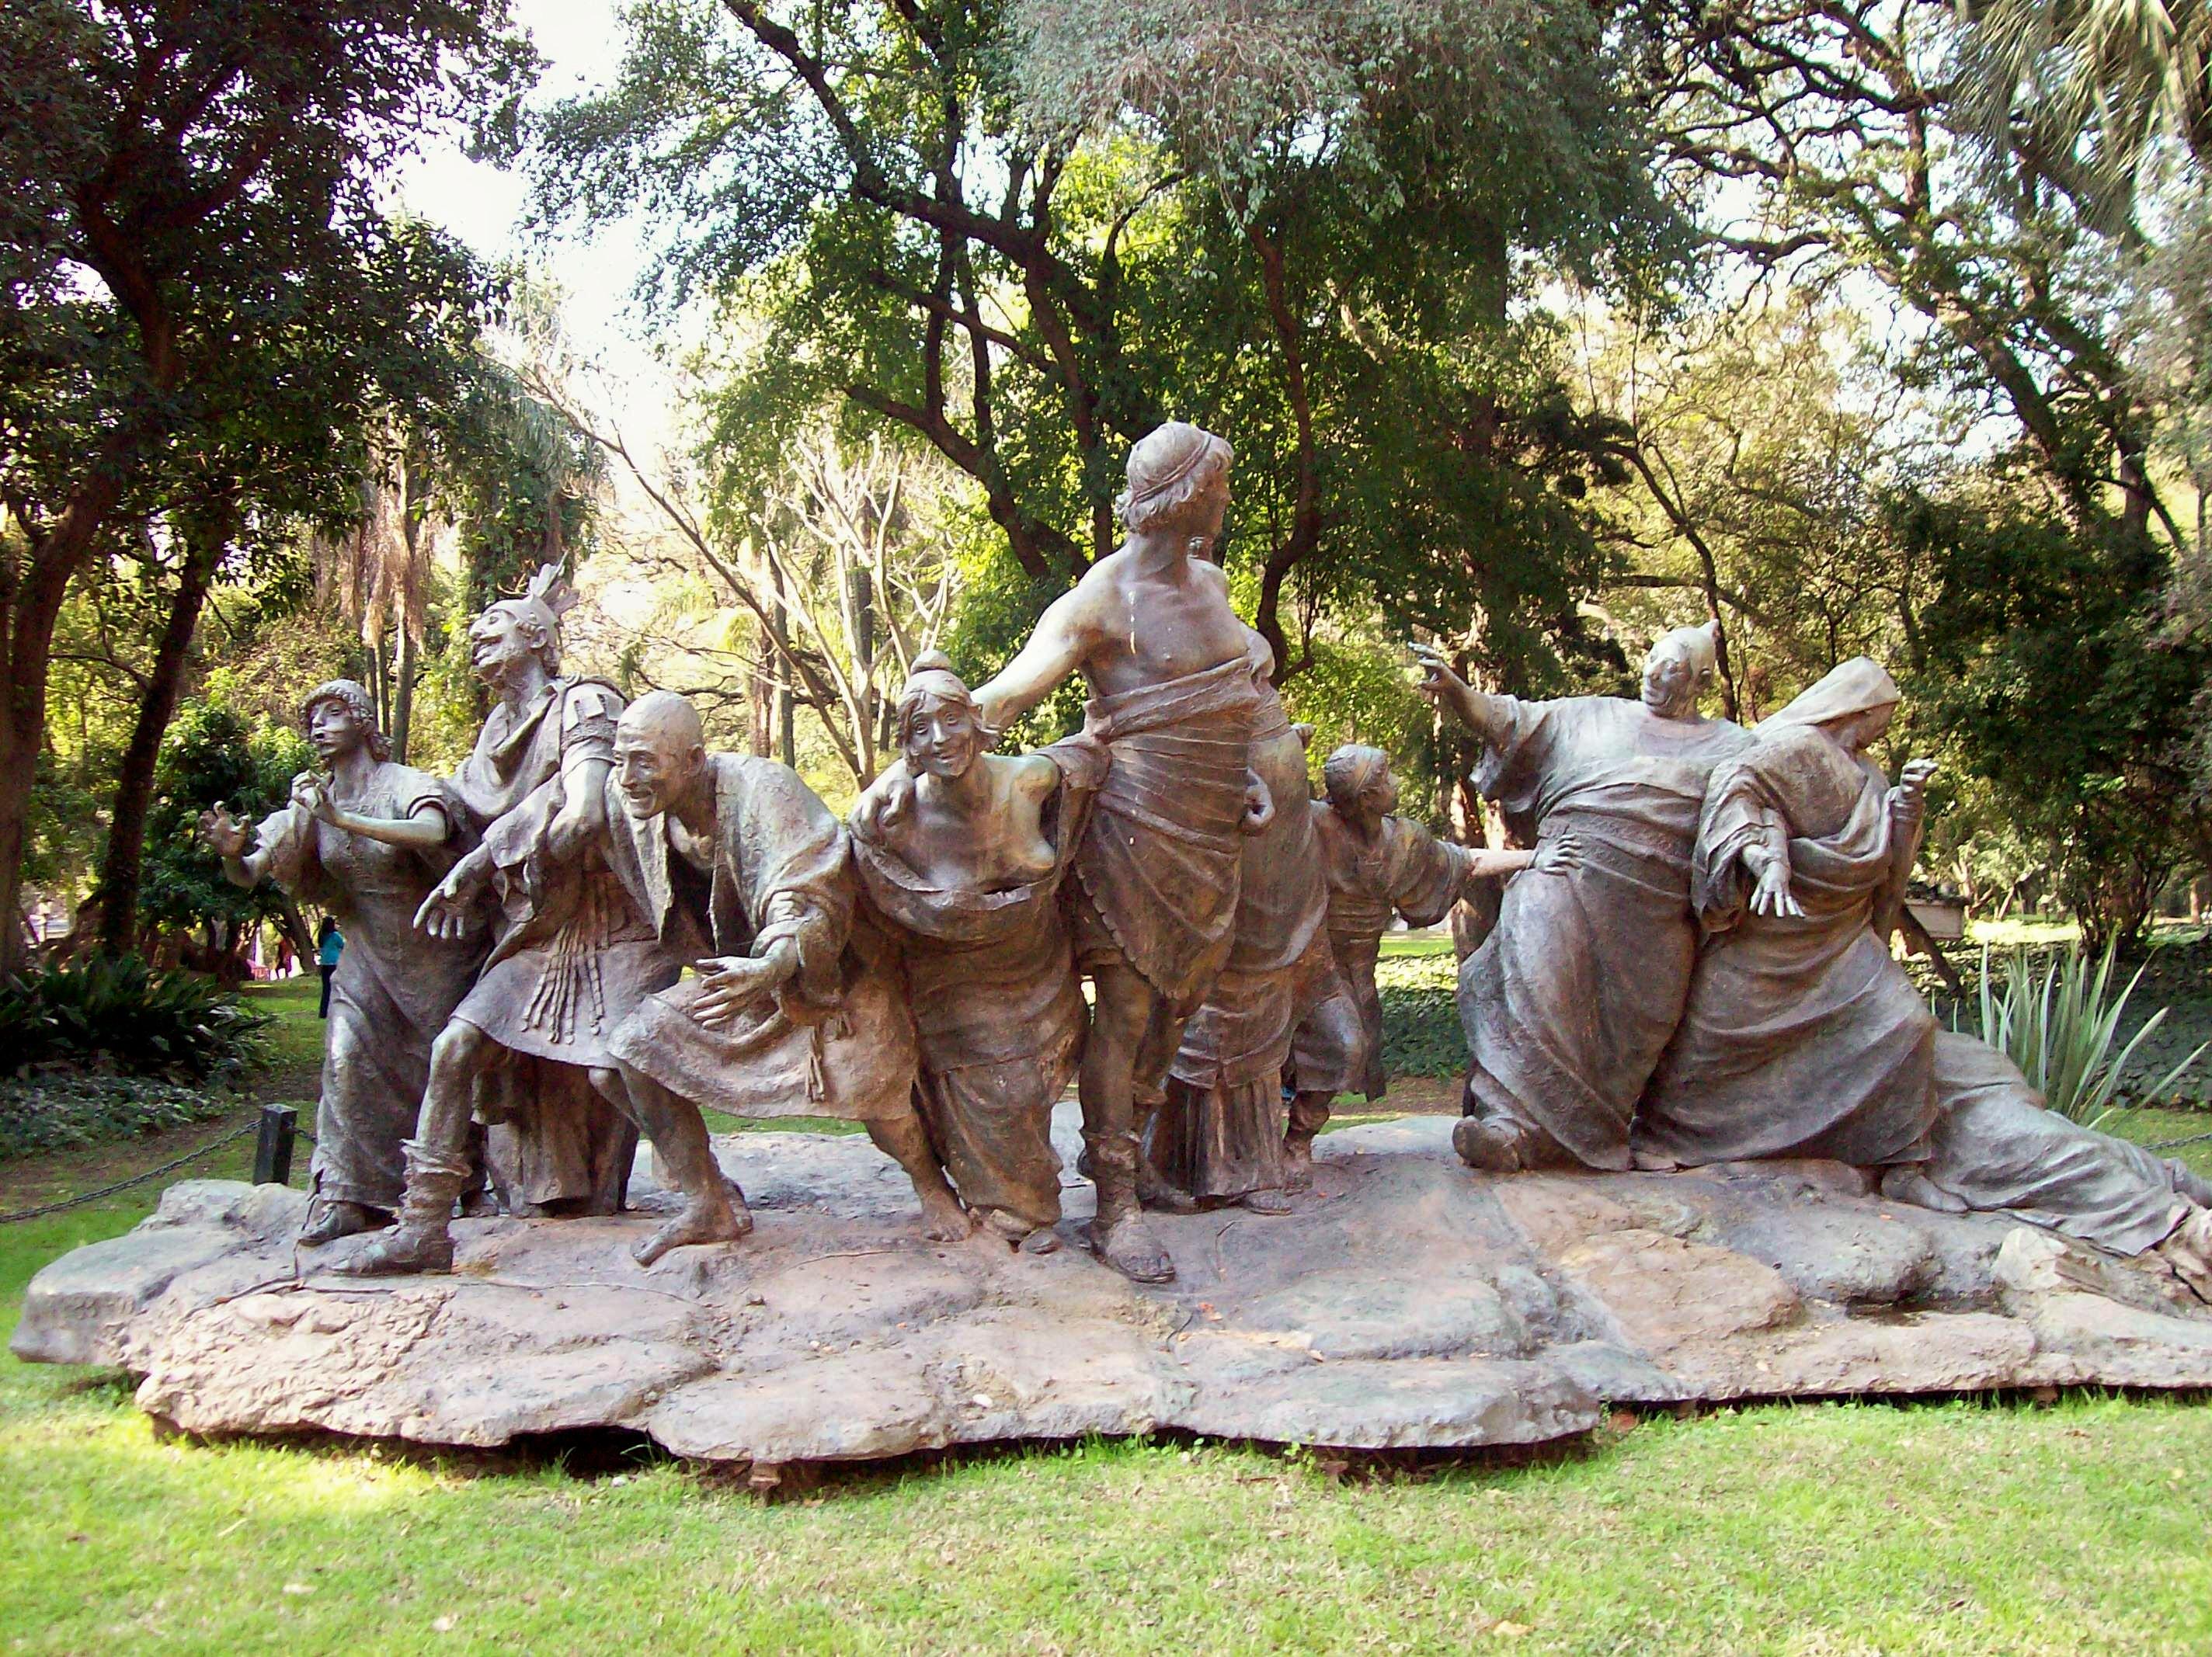 Escultura_Saturnalia_de_Ernesto_Biondi